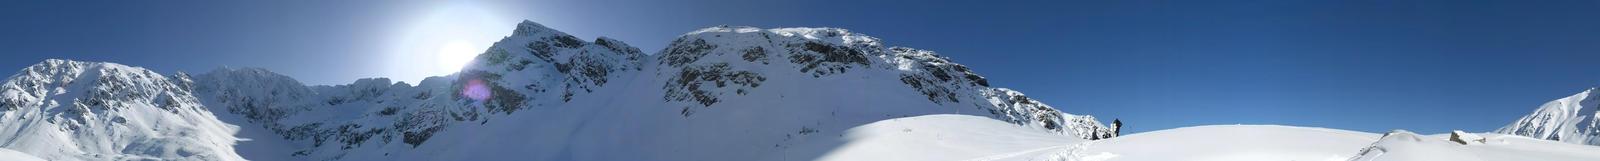 Tatra Mountains 1